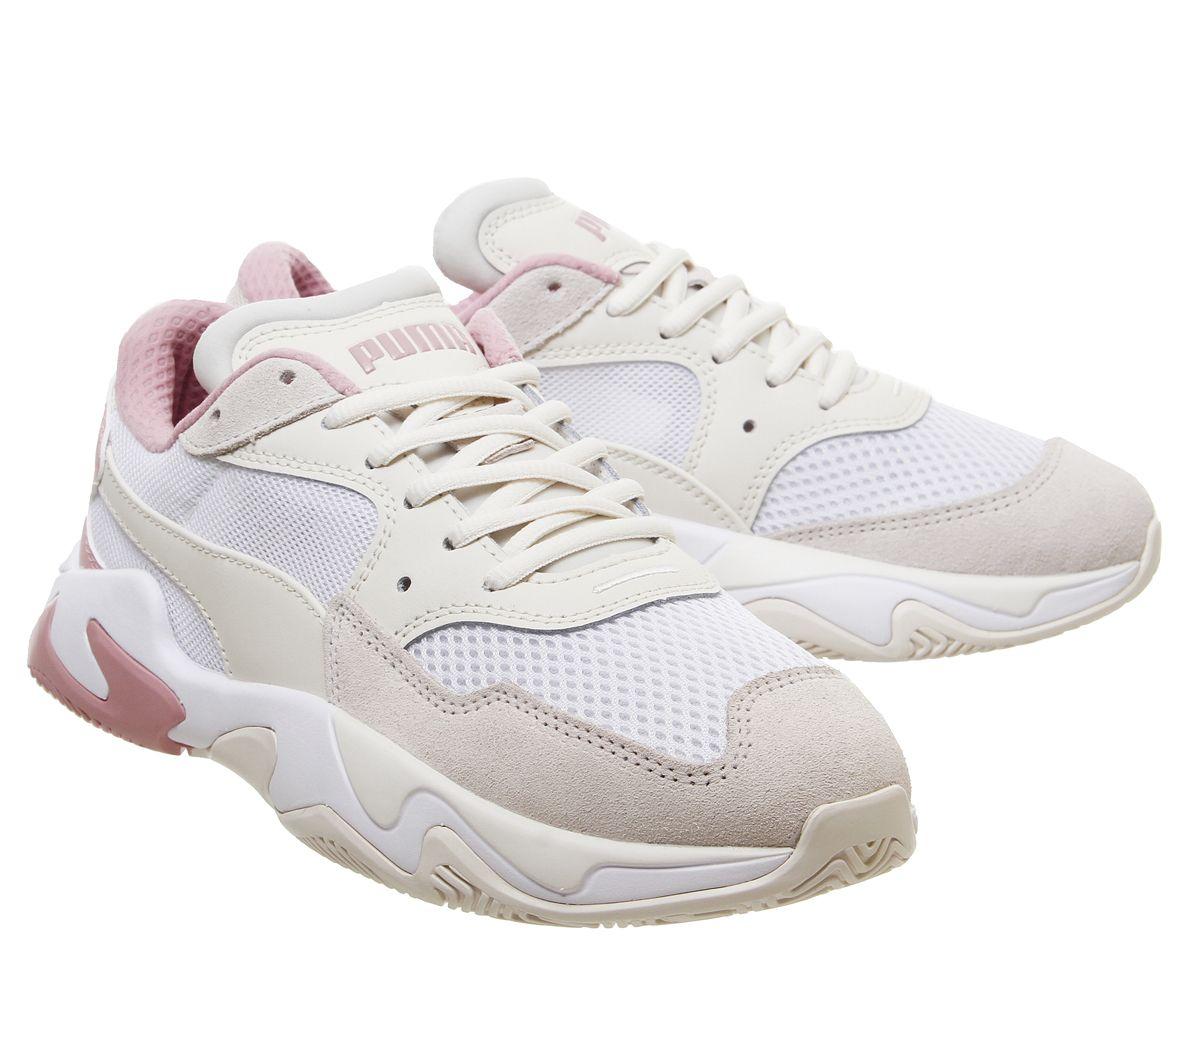 Chaussures-femme-PUMA-Storm-Baskets-Pastel-parchemin-PUMA-Blanc-Baskets-Chaussures miniature 6